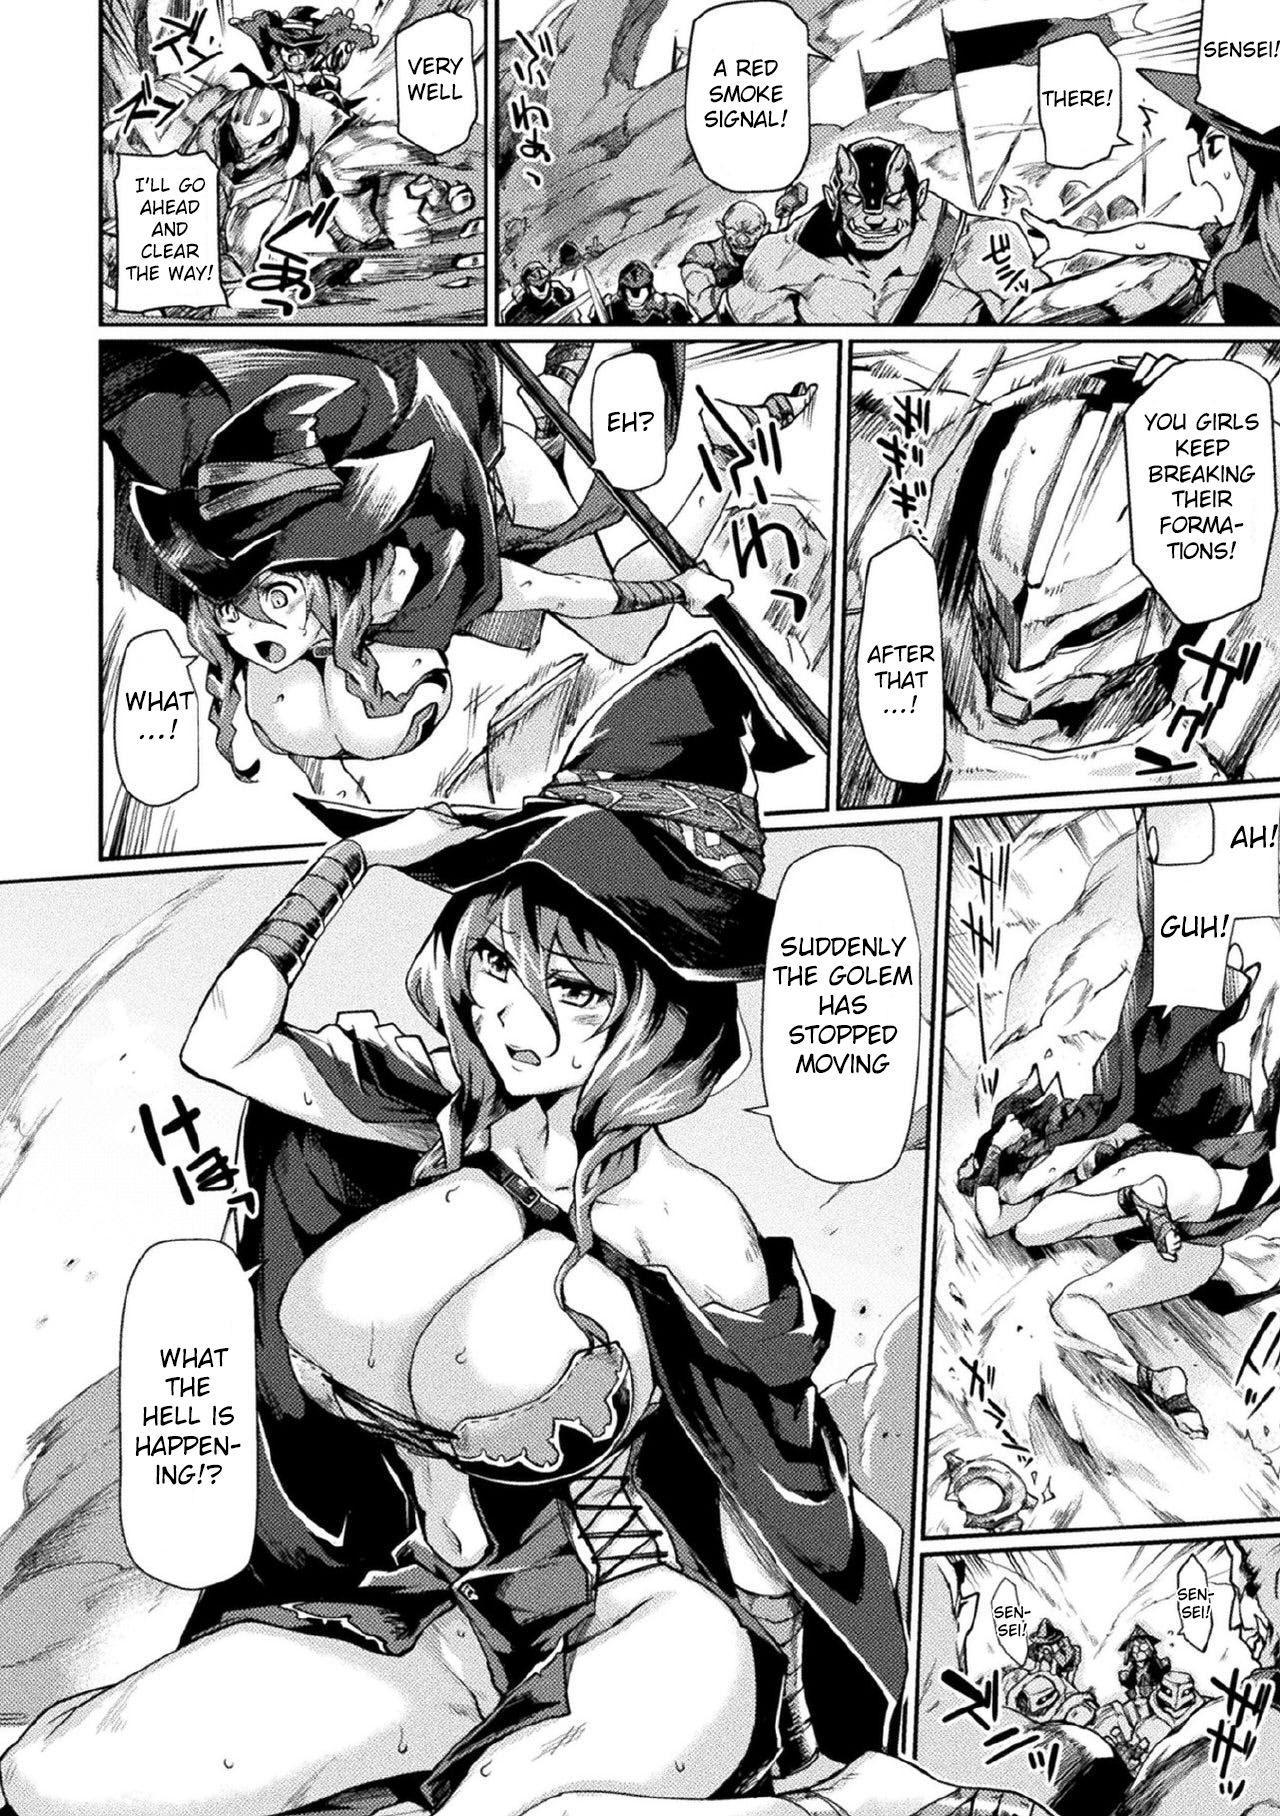 [Tsukitokage] Kuroinu II ~Inyoku ni Somaru Haitoku no Miyako, Futatabi~ THE COMIC Chapter 3 (Kukkoro Heroines Vol. 1) [English] {Hennojin+Raknnkarscans} [Decensored] [Digital] 3